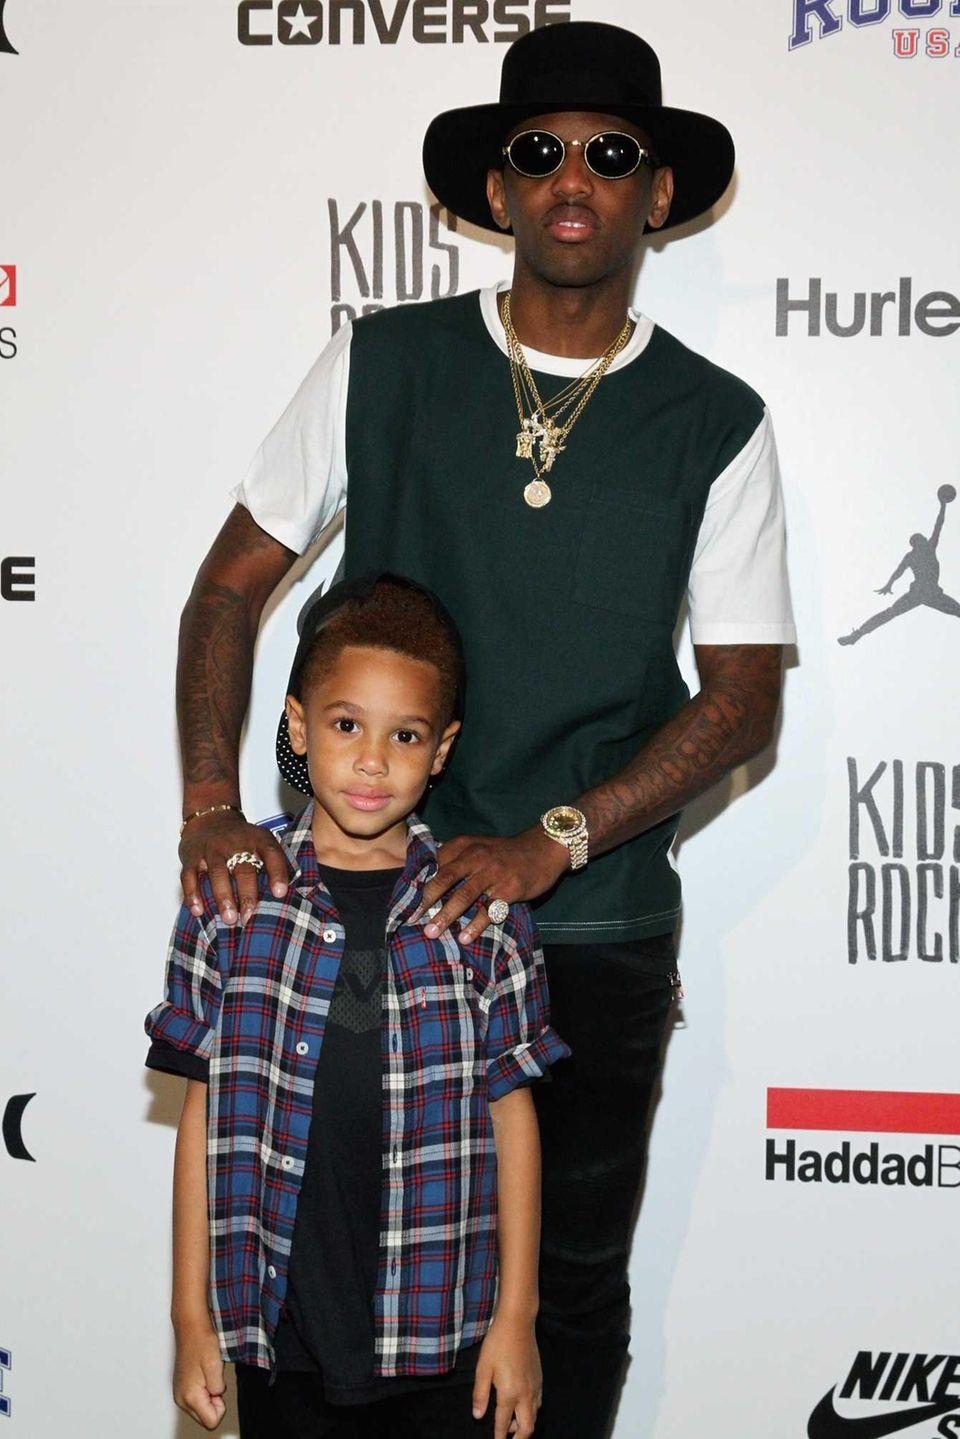 Rapper Fabolous and his son, Johan Jackson, pose